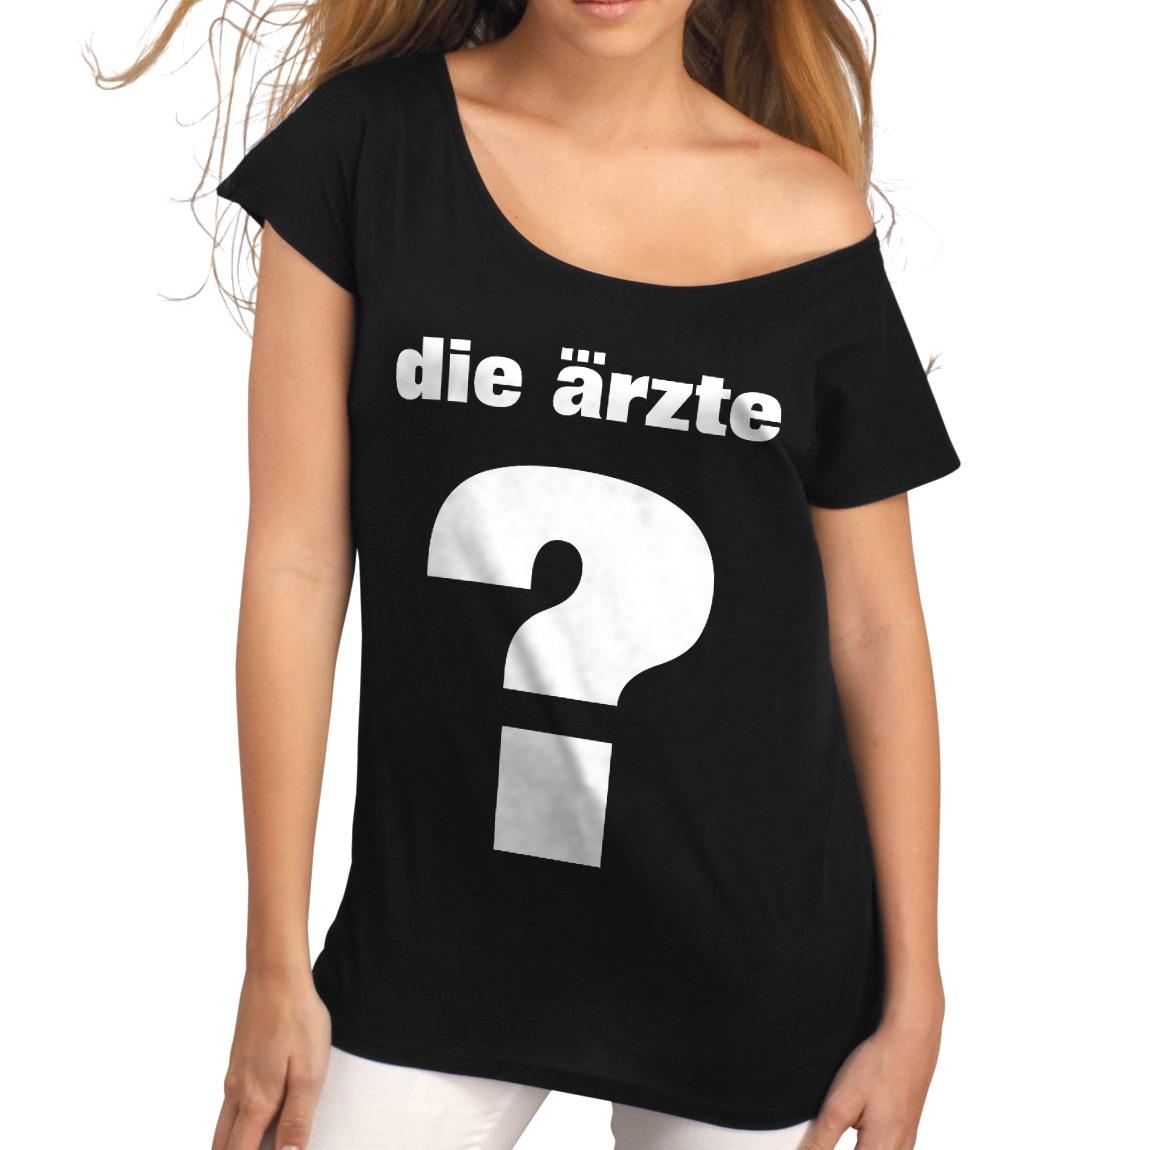 Hä? von die ärzte - Girlie Shirt jetzt im die aerzte shop Shop